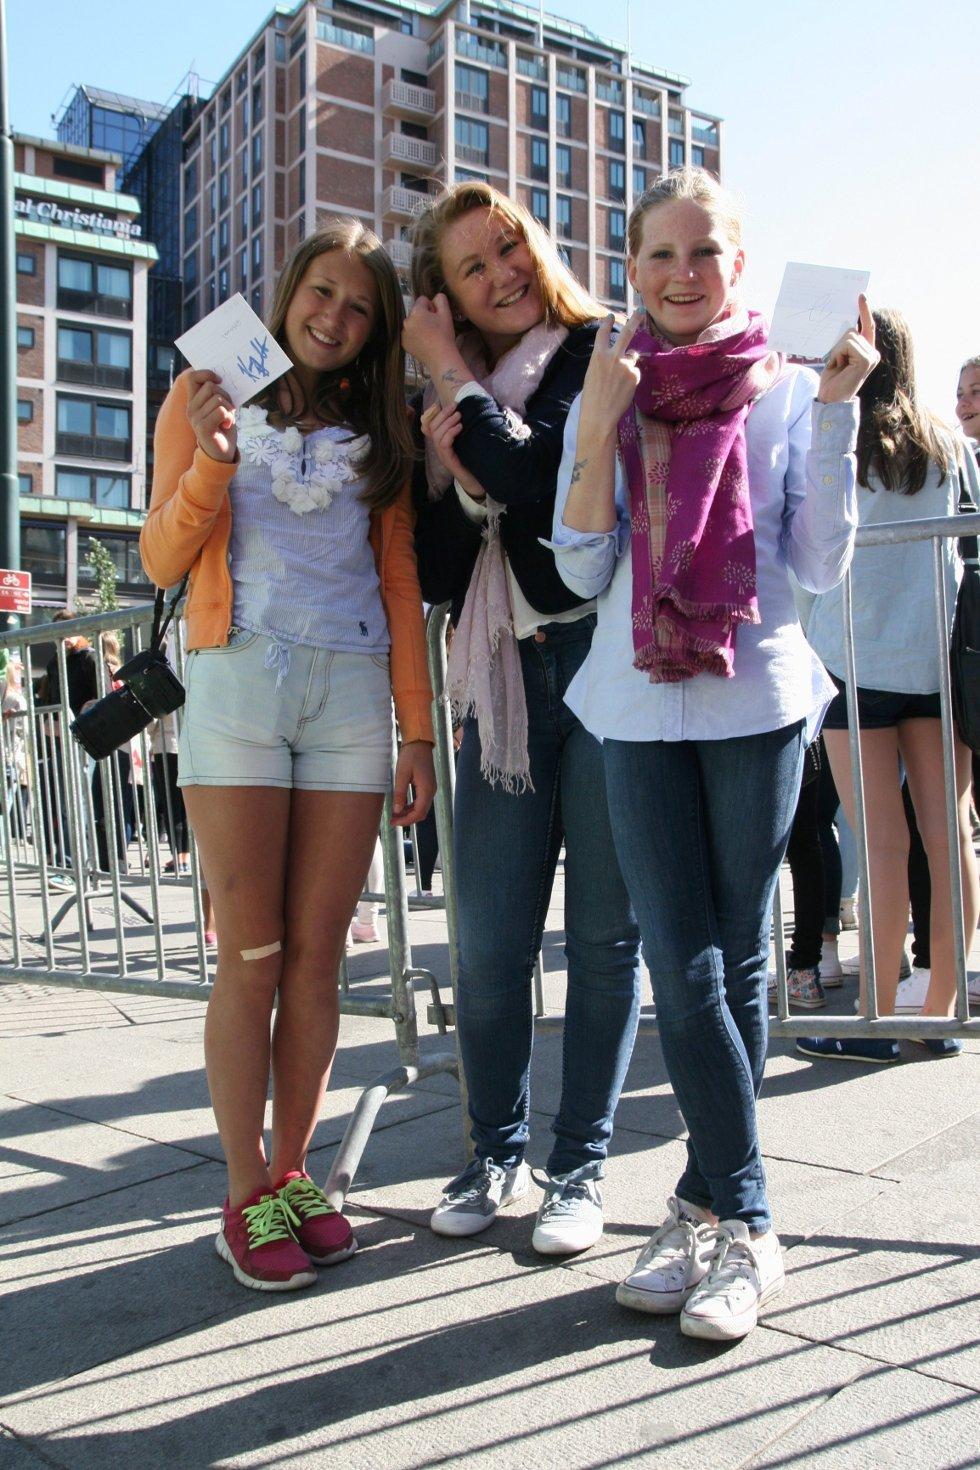 Pernille (14), Dorthe (14) og Mathilde (15) har kommet fra Sandefjord og tatt inn på samme hotell som popstjernen Justin Bieber.